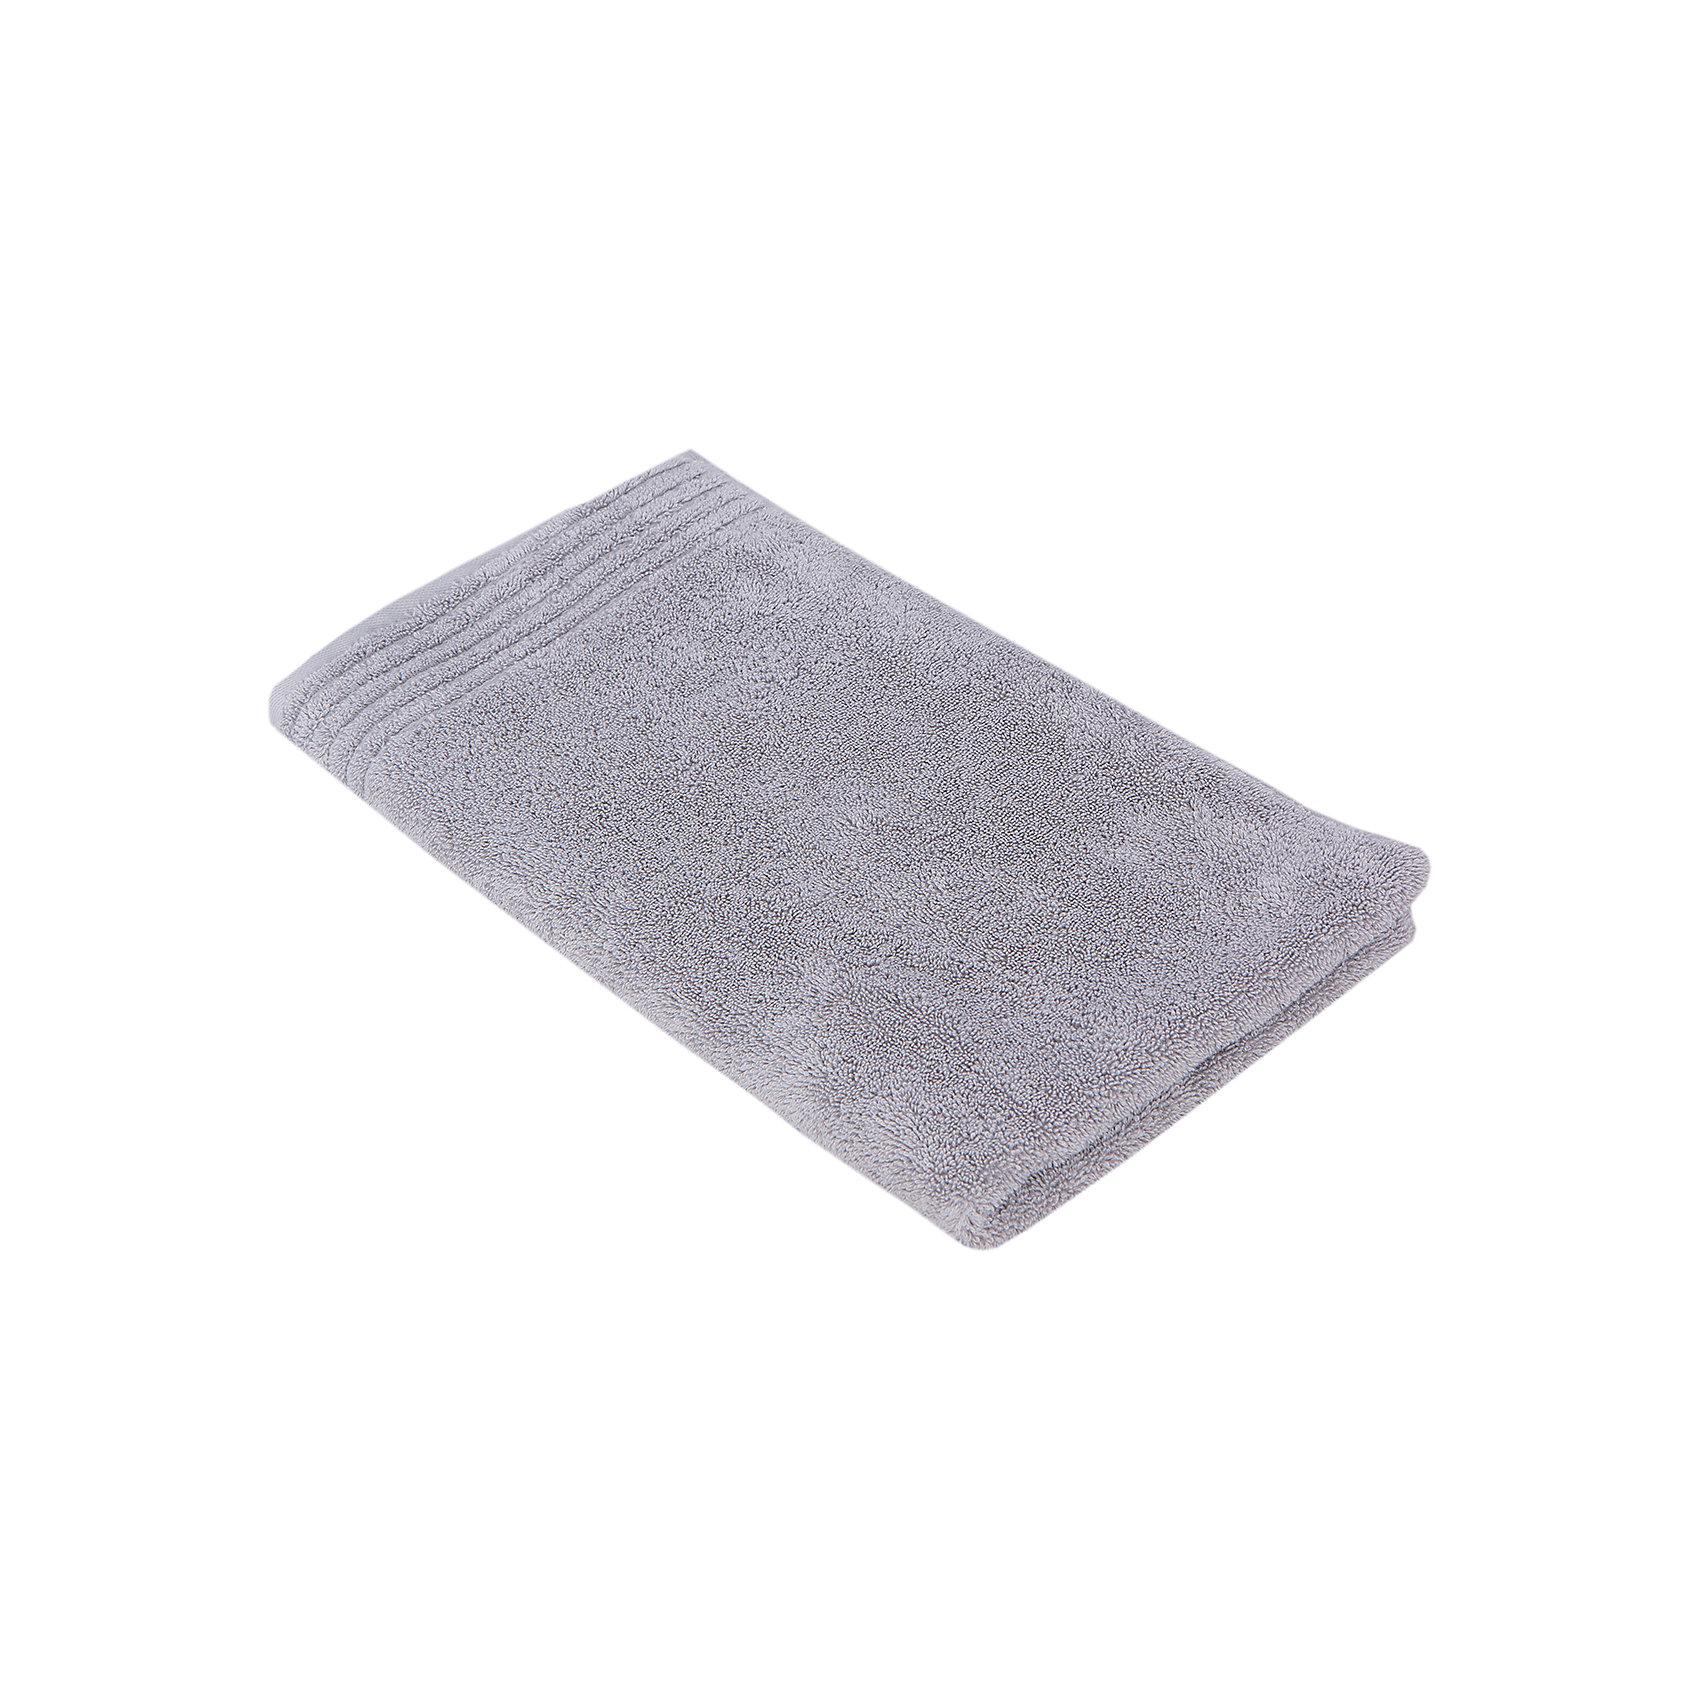 Полотенце махровое 50*90, Luxury Ayurveda, silverВанная комната<br>Махровое полотенце Luxury Ayurveda изготовлено из качественного натурального хлопка. Приятный дизайн полотенца отлично подойдет для вашей ванной комнаты.<br><br>Особенности:<br>-отлично впитывает влагу<br>-высокая гигроскопичность<br>-остается мягким на протяжении длительного времени<br>-объем увеличивается после стирки<br>-не уменьшаются в размере<br>-технология Hygro от Welspun<br>-входит в эксклюзивную коллекцию, не имеющая аналогов<br><br>Дополнительная информация:<br>Материал: 100% хлопок<br>Размер: 50х90 см<br>Цвет: серебристый<br>Торговая марка: Luxury Ayurveda<br><br>Вы можете купить махровое полотенце  Luxury Ayurveda в нашем интернет-магазине.<br><br>Ширина мм: 500<br>Глубина мм: 500<br>Высота мм: 200<br>Вес г: 450<br>Возраст от месяцев: 0<br>Возраст до месяцев: 144<br>Пол: Унисекс<br>Возраст: Детский<br>SKU: 5010997